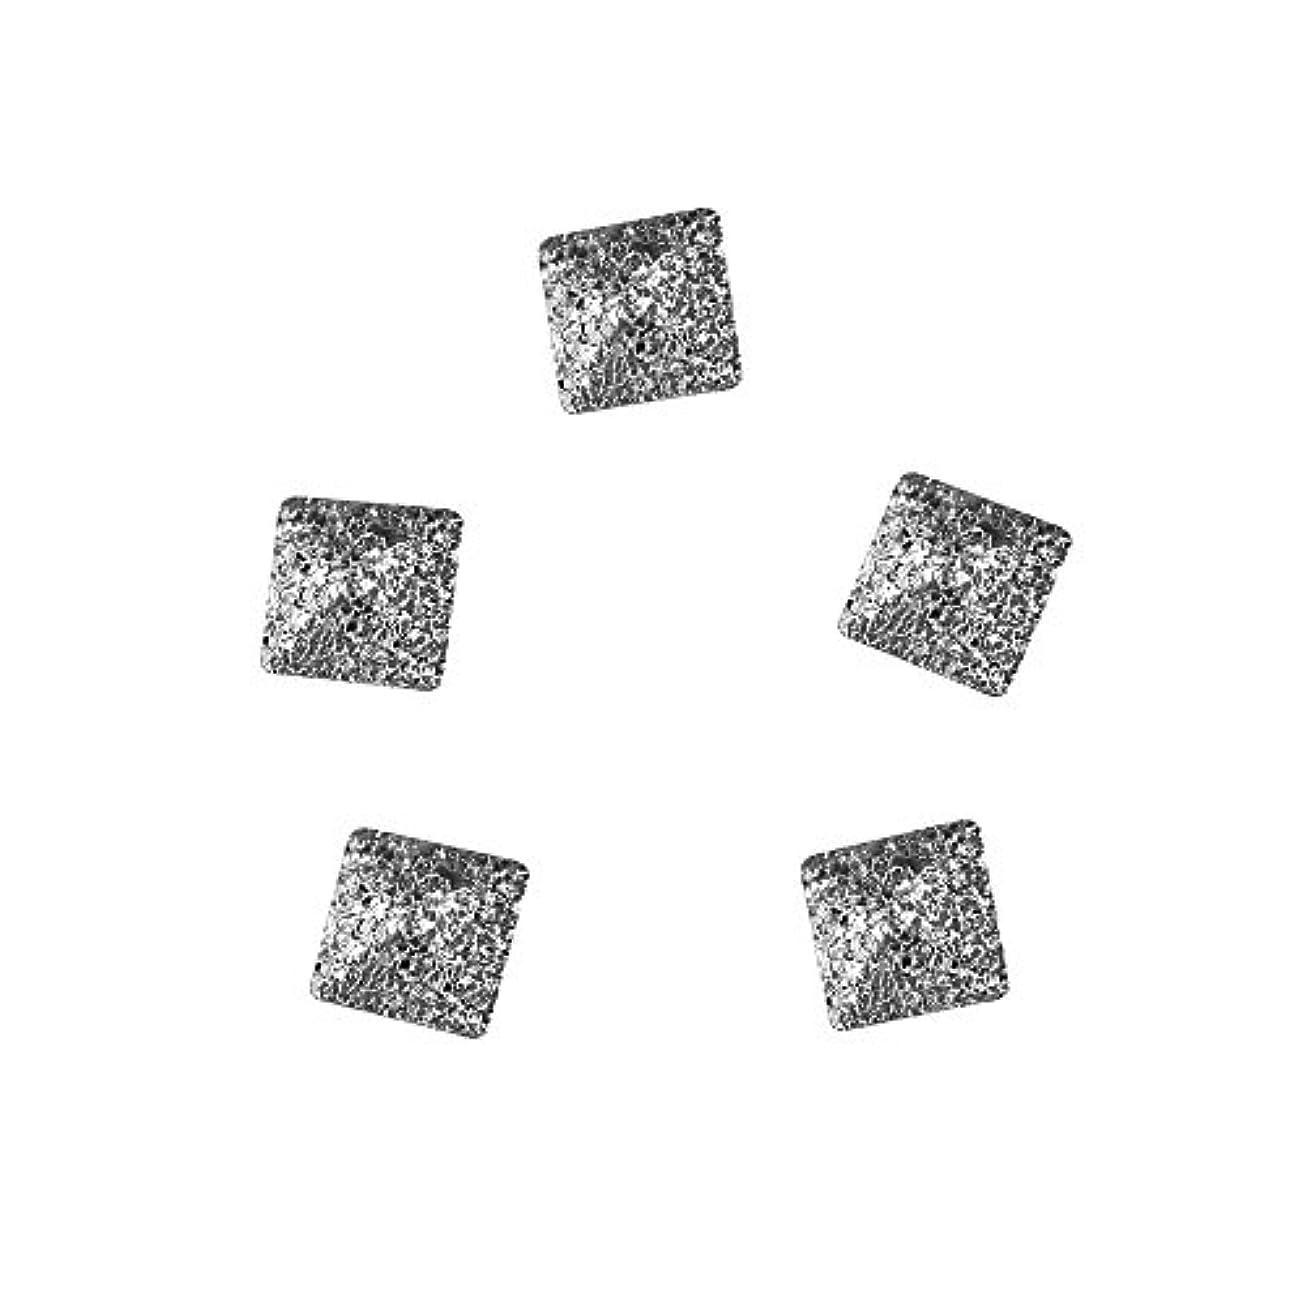 飛躍刺繍投資Bonnail ラフスタッズシルバースクエア 2mm